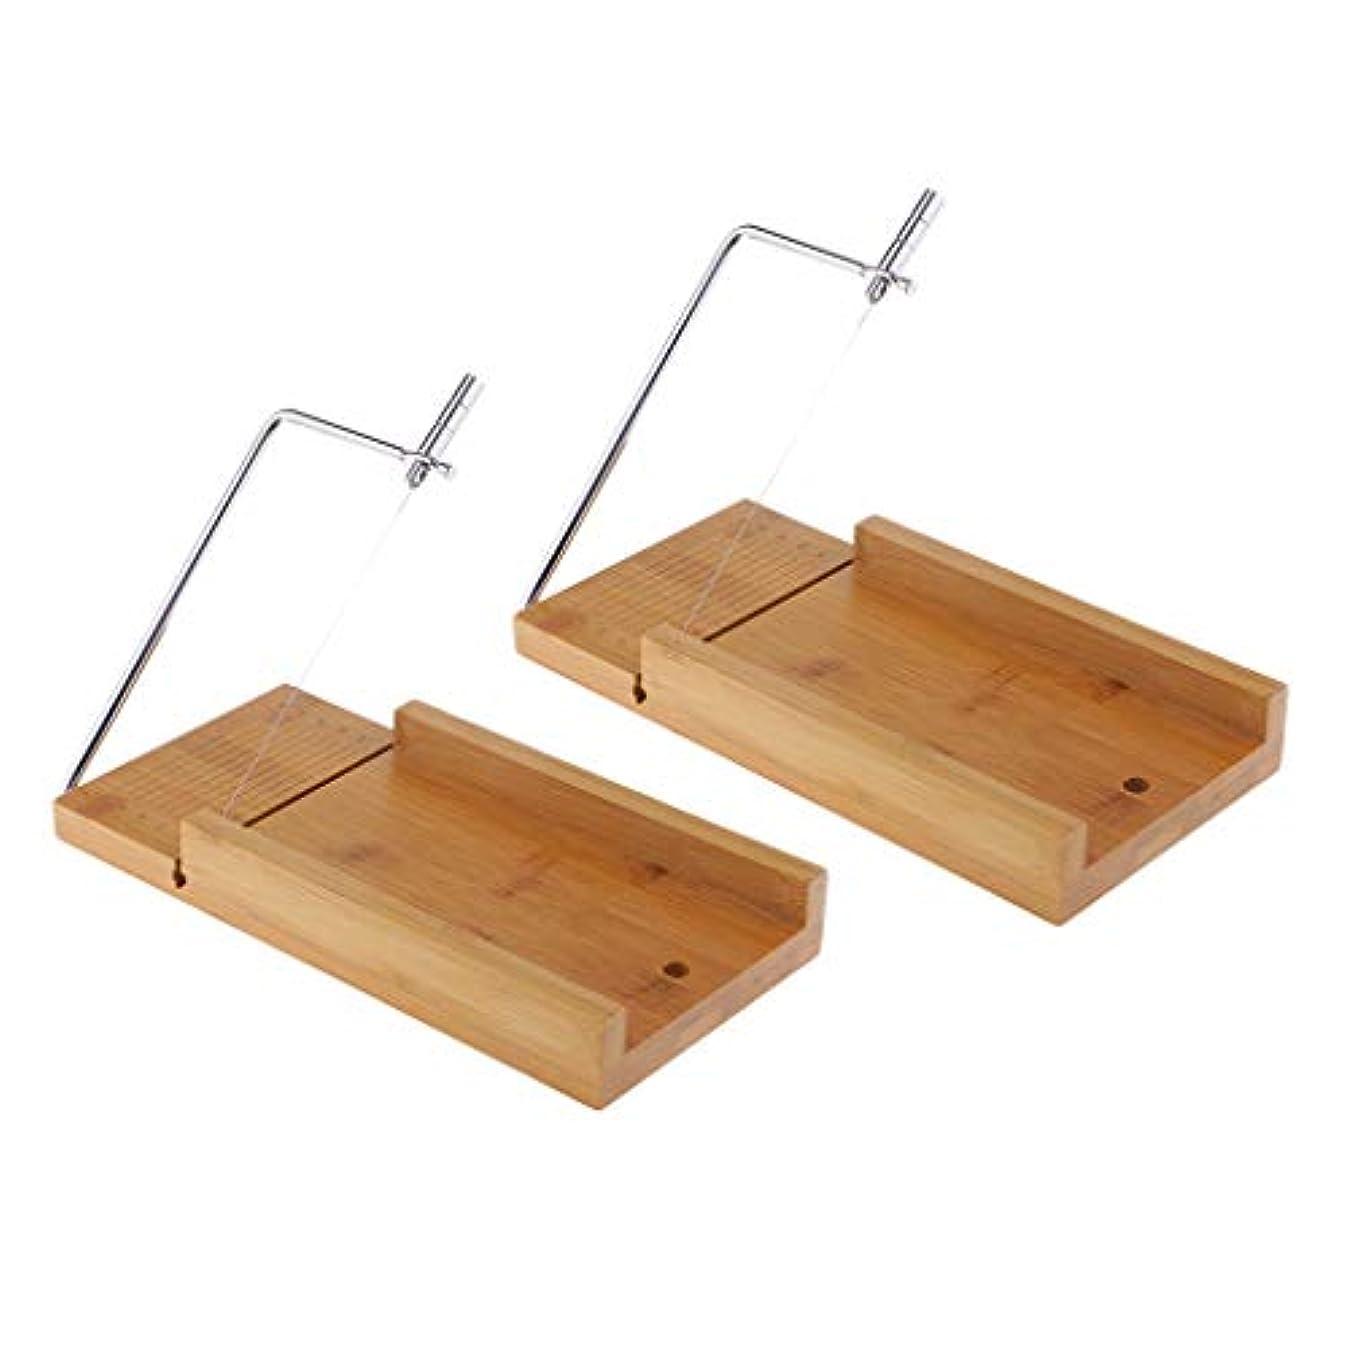 請求可能変成器エクステントソープカッター チーズナイフ ワイヤー せっけんカッター 台 木質 石鹸切削工具 2個入り